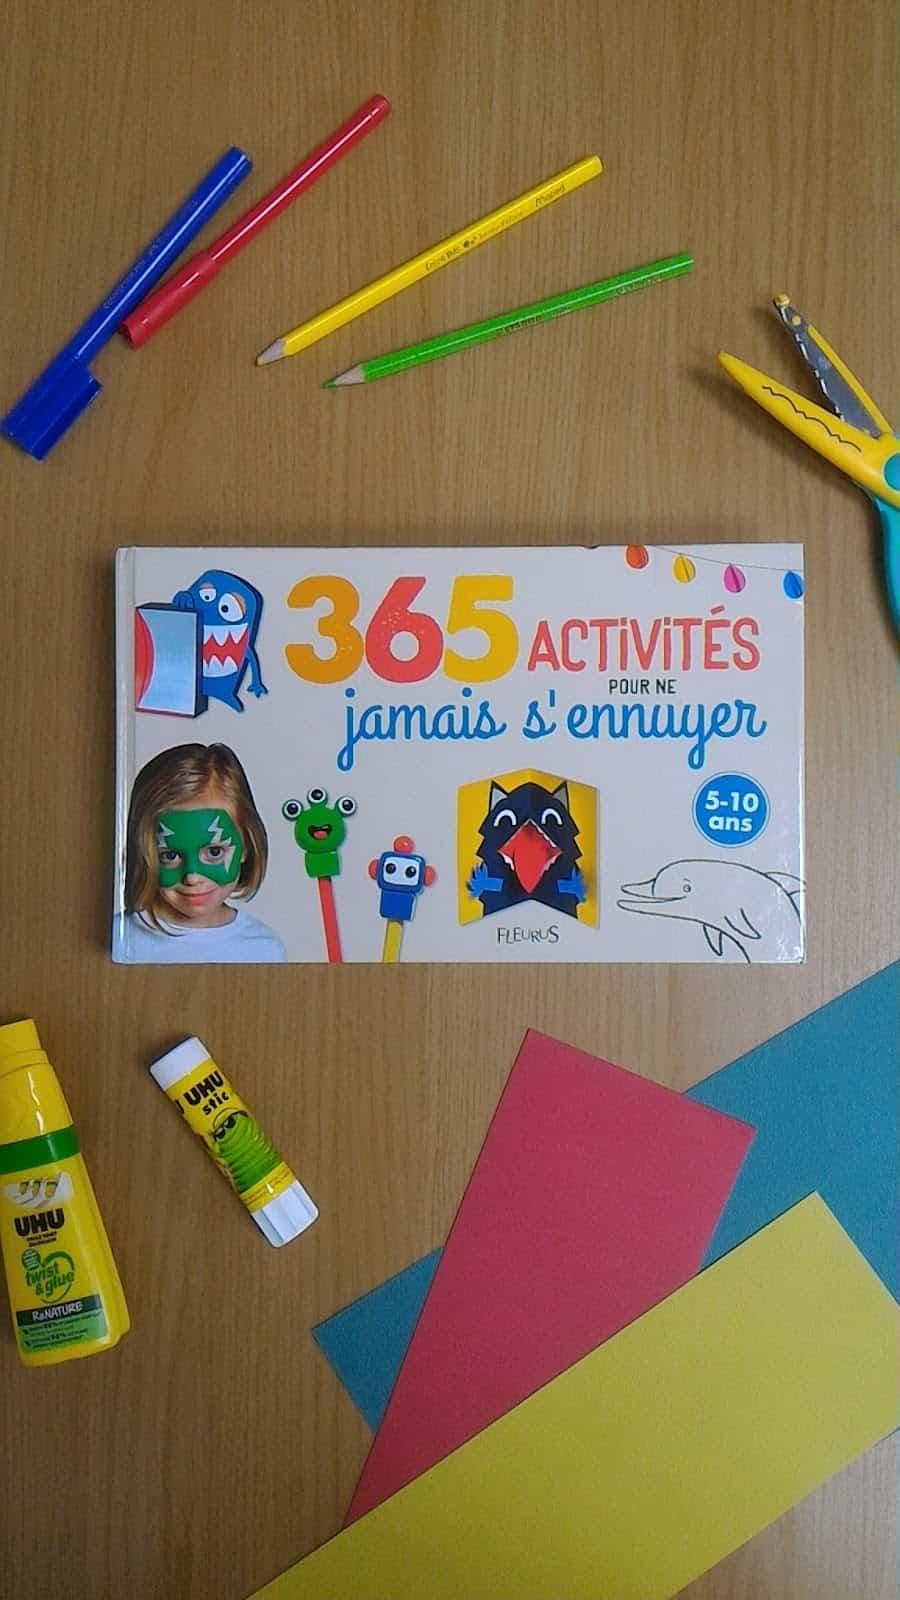 Activité Enfant De 2 Ans - Ateliers Pour Enfants destiné Activité Pour Enfant De 5 Ans